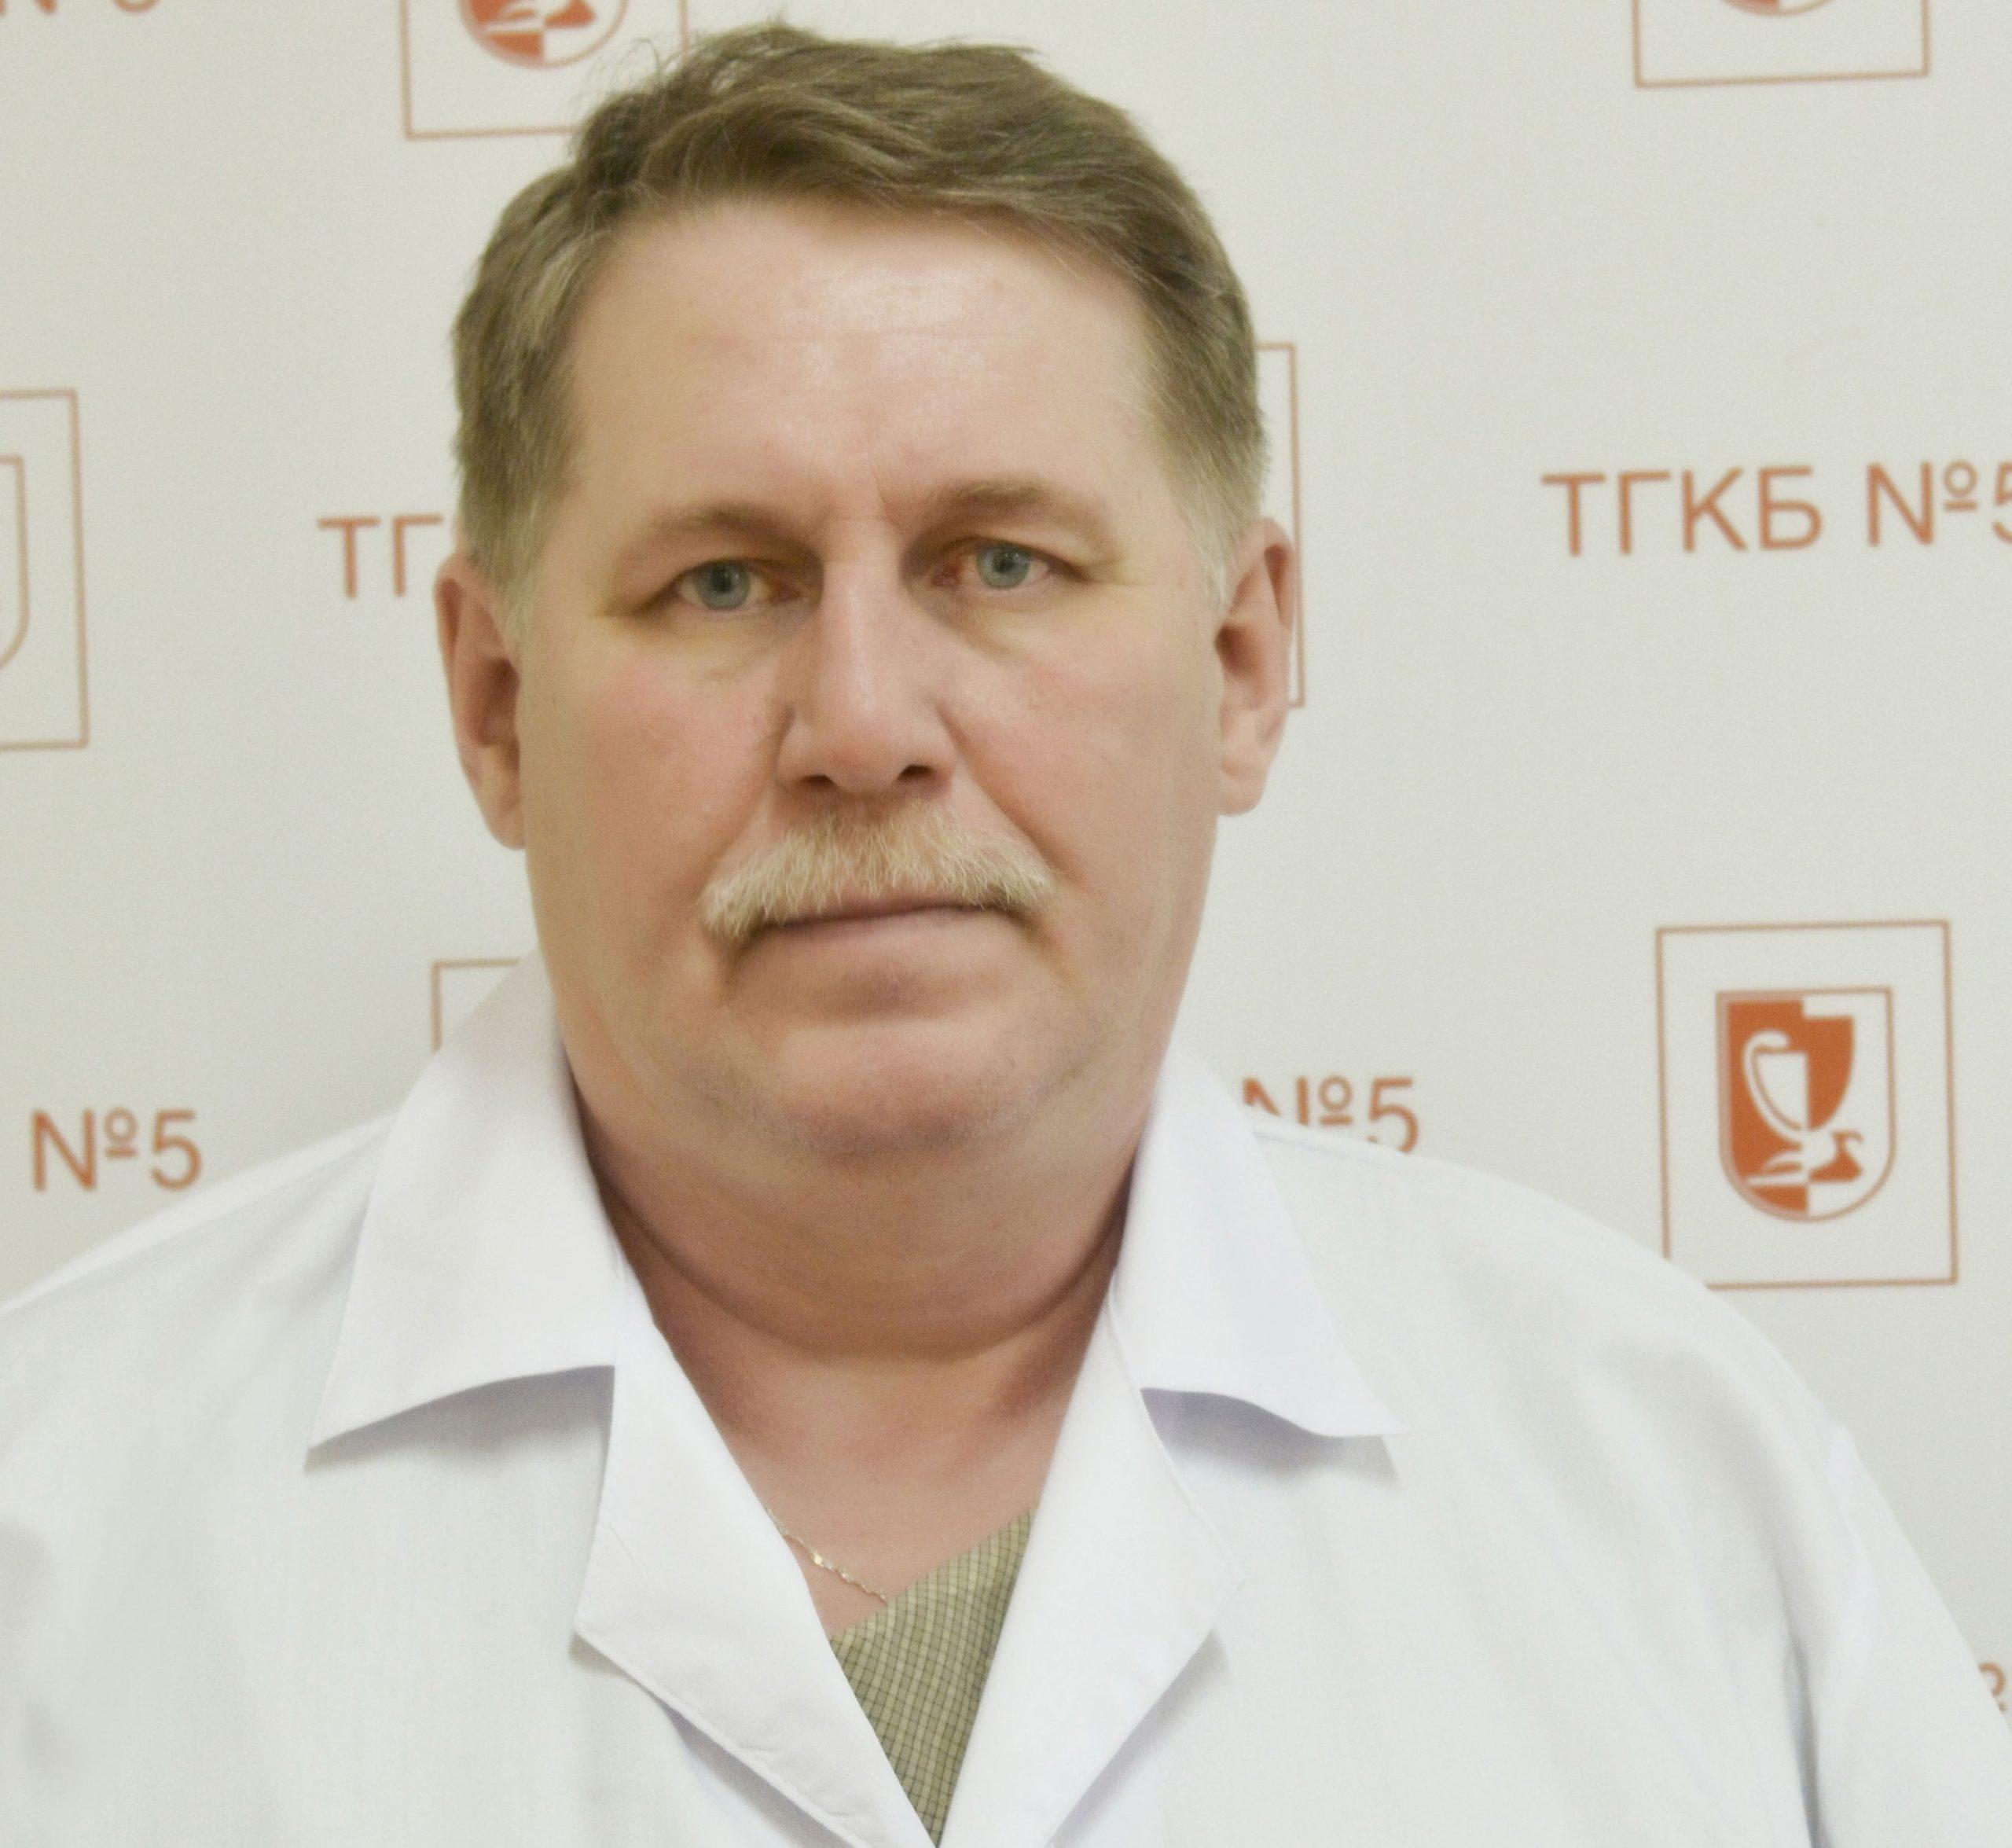 Тольяттинцы выражают соболезнования в связи со смертью врача, спасшего сотни недоношенных детей